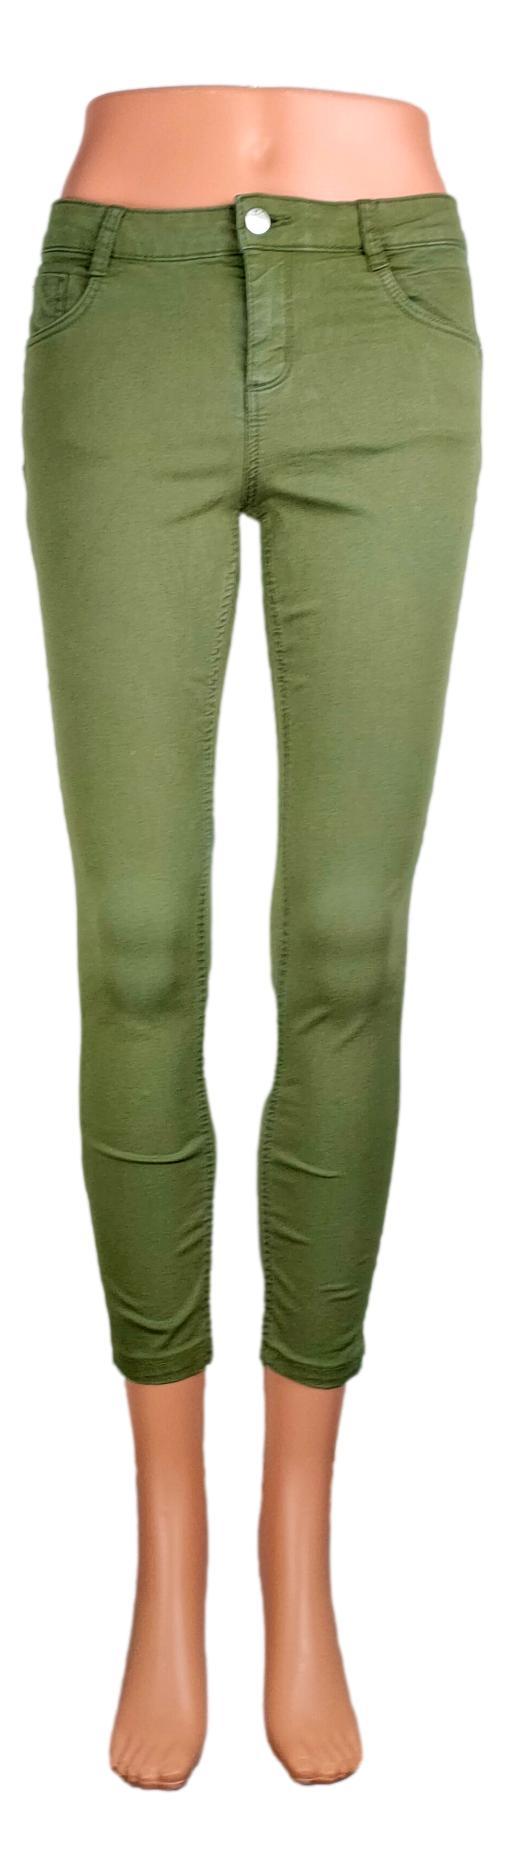 Pantalon Jennyfer -Taille 38